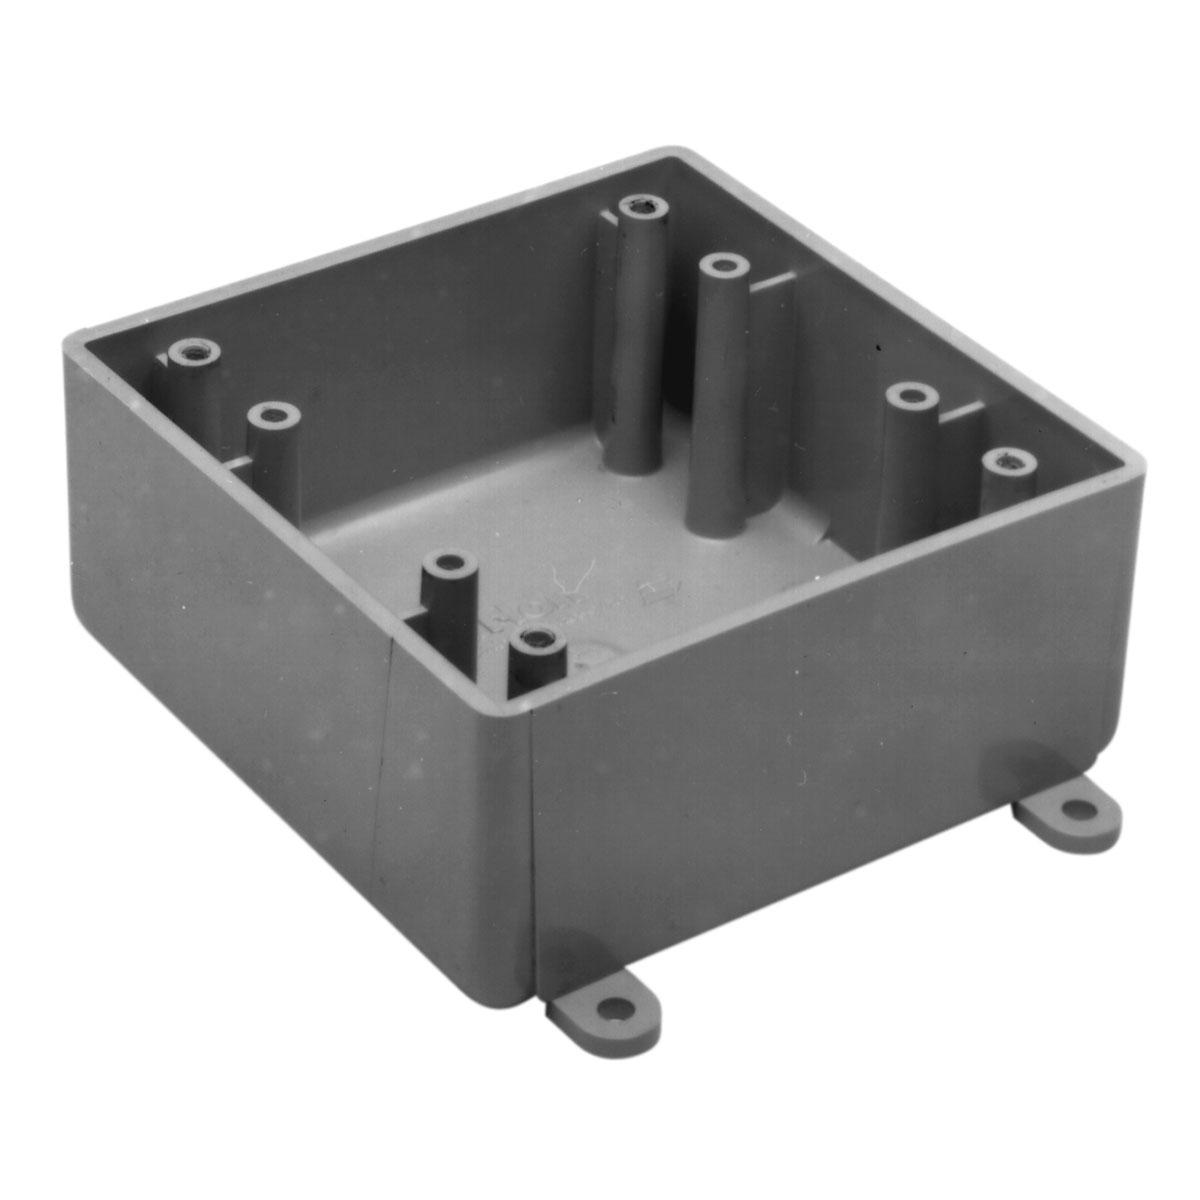 Pvc Electrical Boxes : Conduit raceways pvc fittings boxes